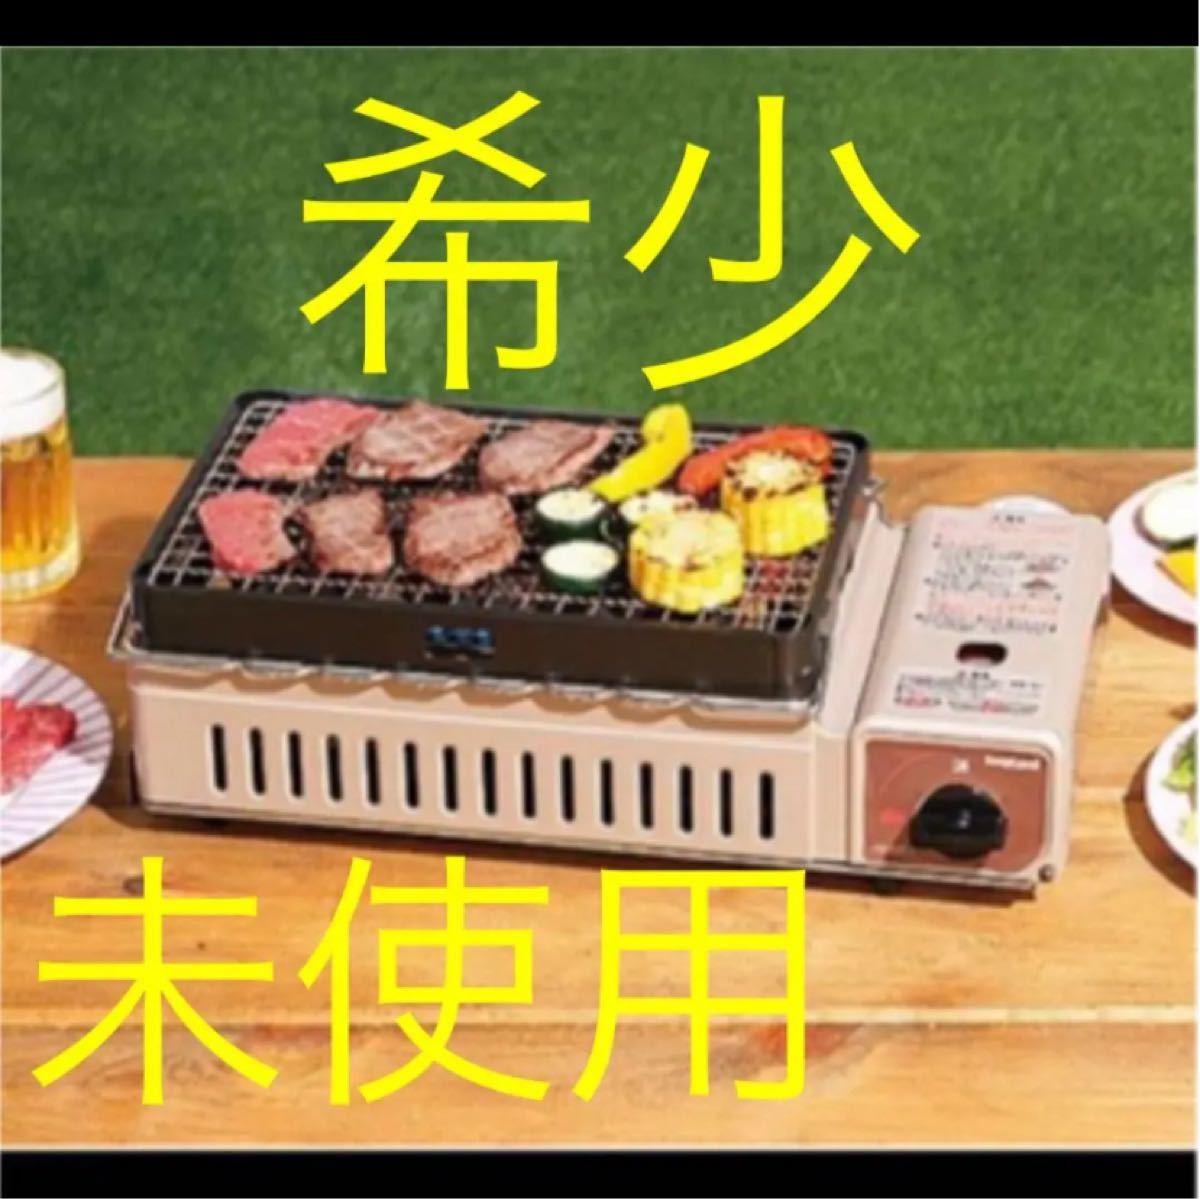 イワタニ 炉ばた大将 炙りや Iwatani カセットコンロ CB-RBT-J カセットガス BBQ 網焼き